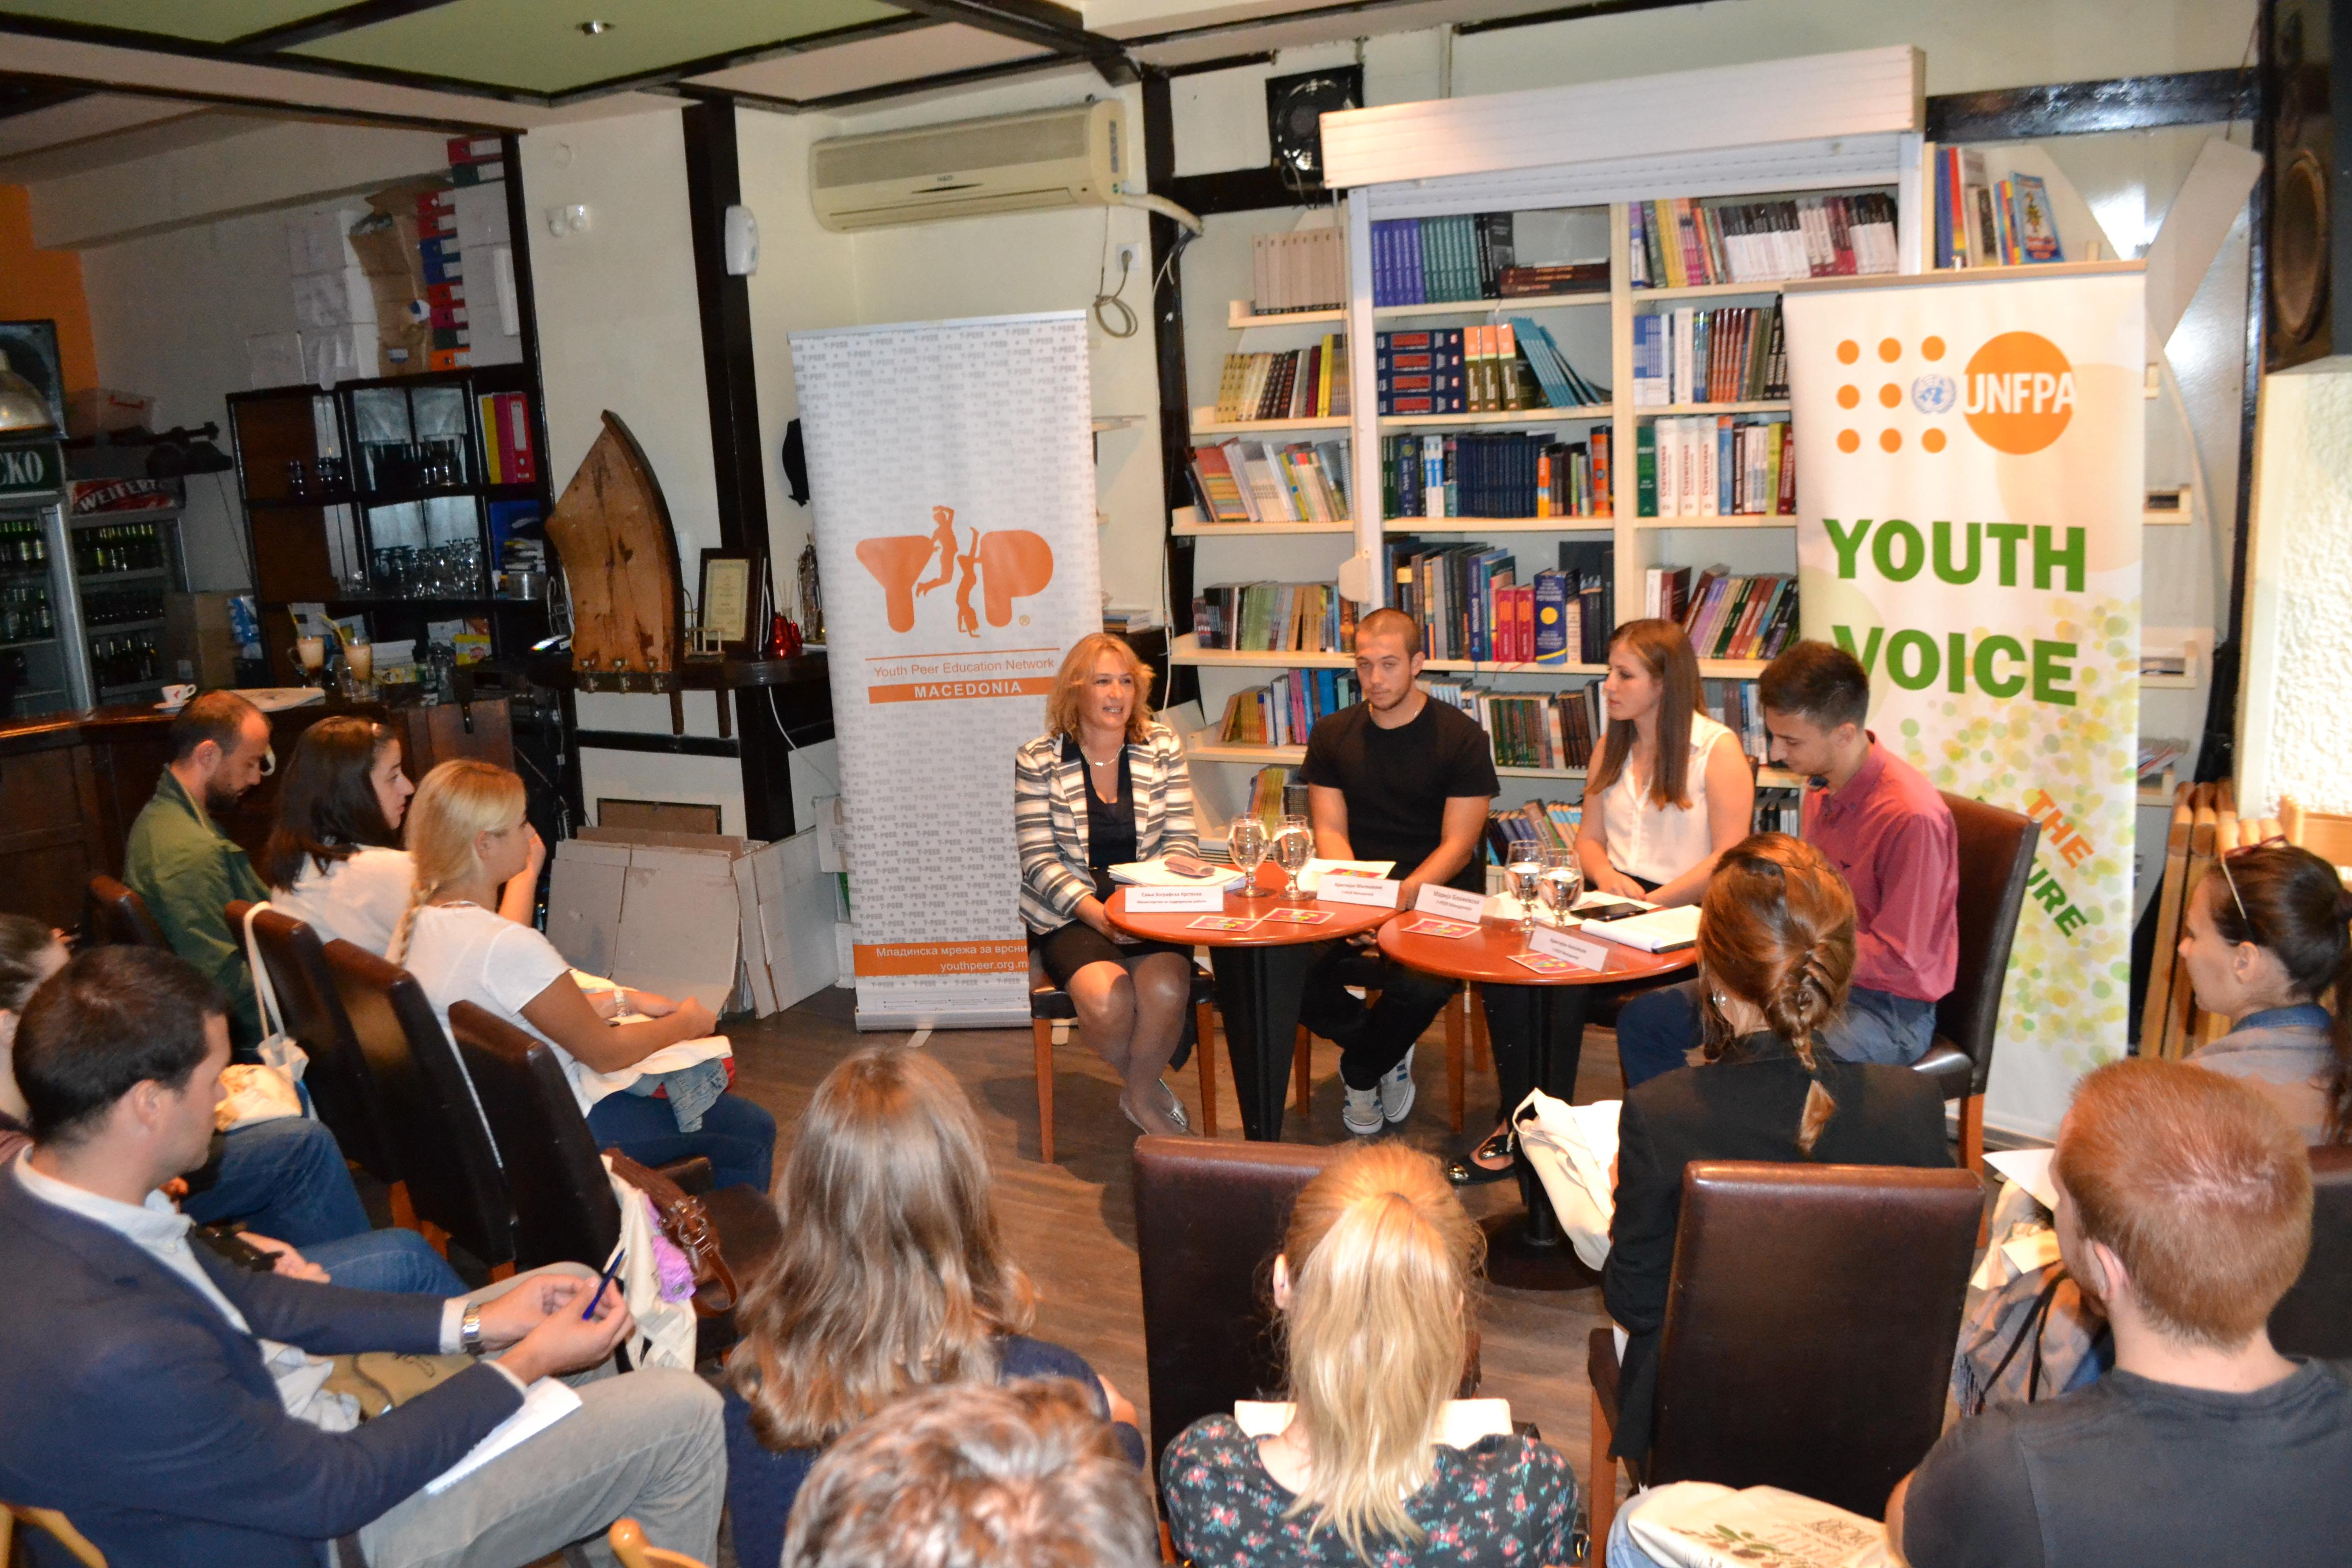 Младите со свои пораки до македонската делегација  на Генералното собрание на ОН